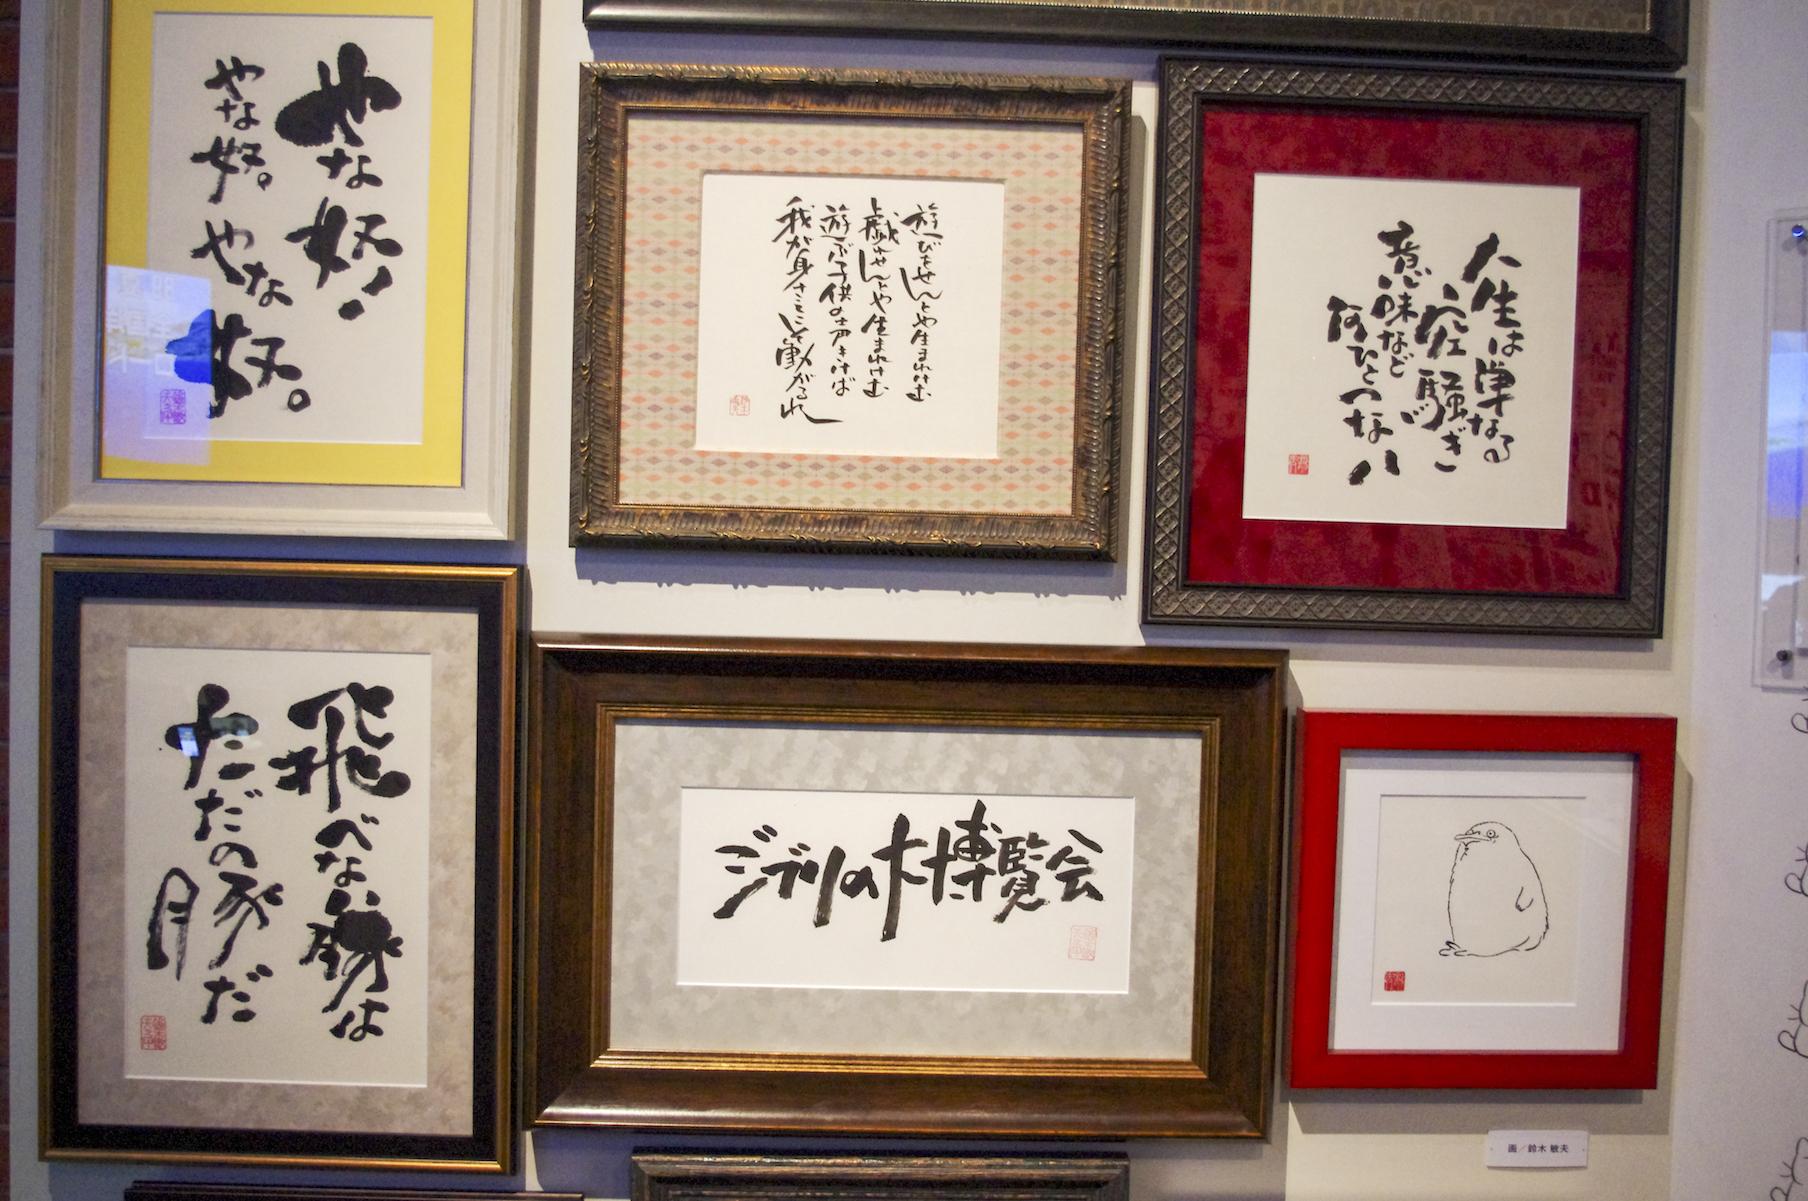 鈴木プロデューサーが筆を走らせた数々の名言やタイトルコピー (C)girls Artalk